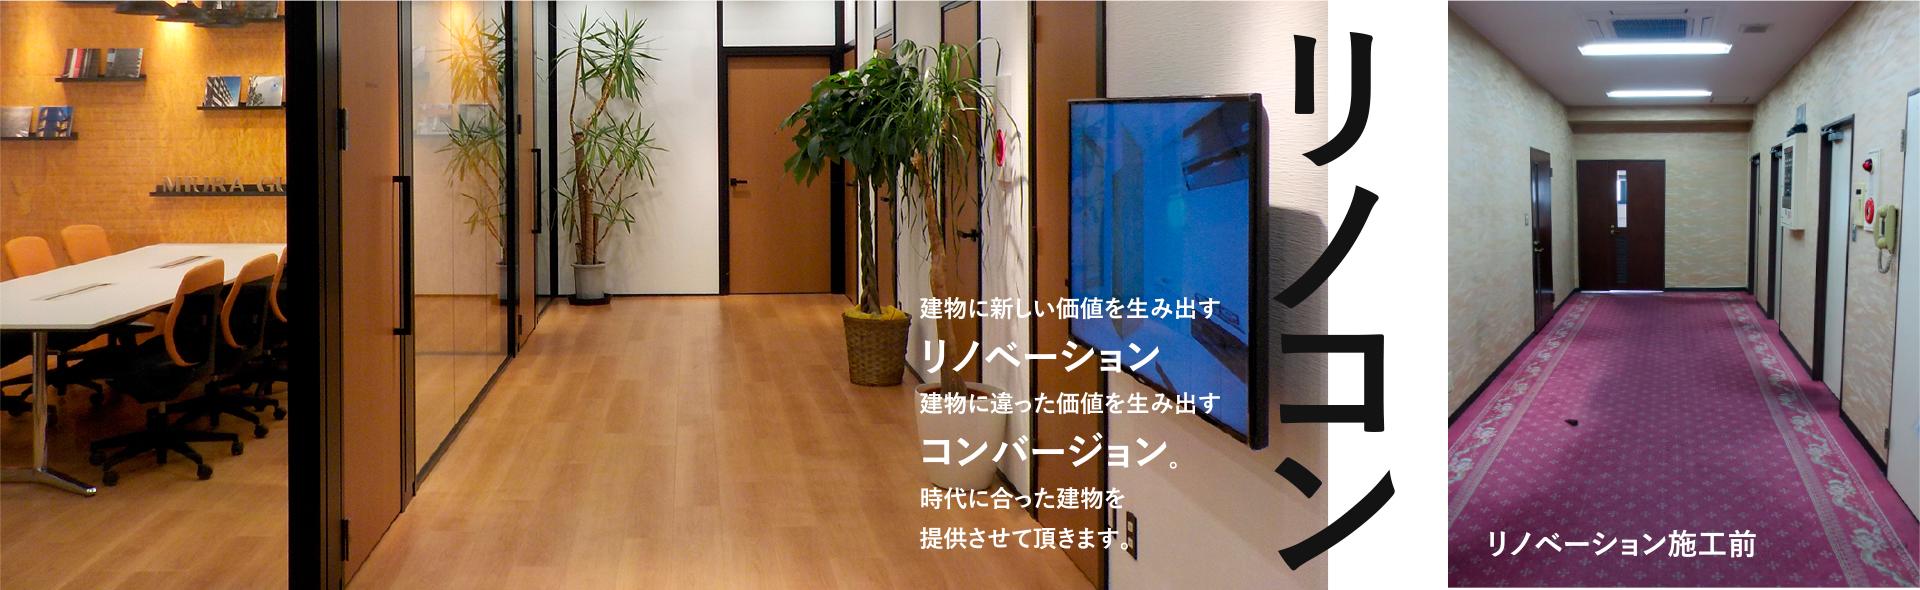 リノコン。建物に新しい価値を生み出すリノベーションや建物に違った価値を生み出すコンバージョン。時代に合った建物のありようを提供させて頂きます。